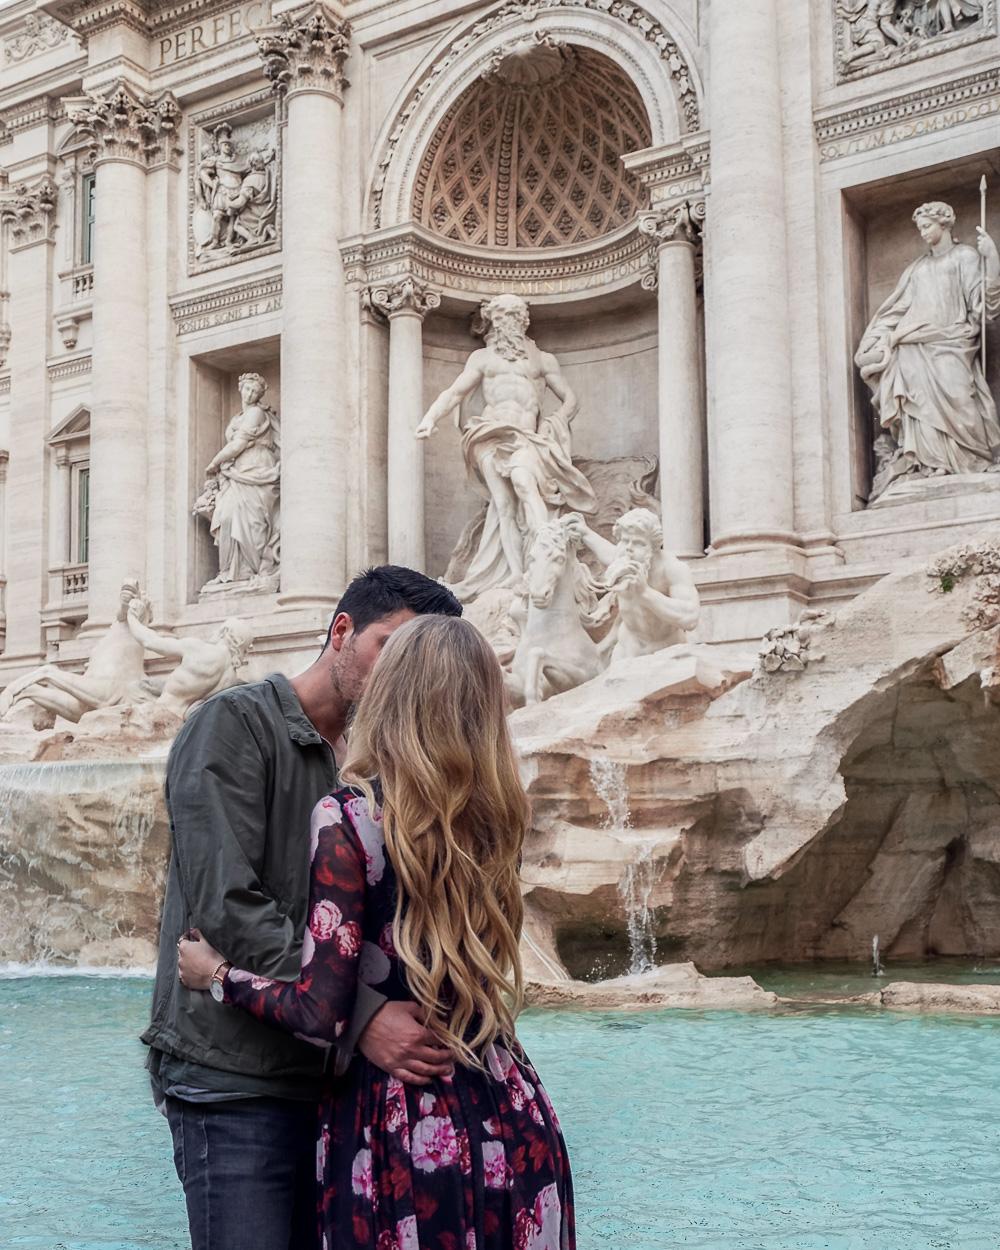 Pärchenbild am Fontana di Trevi